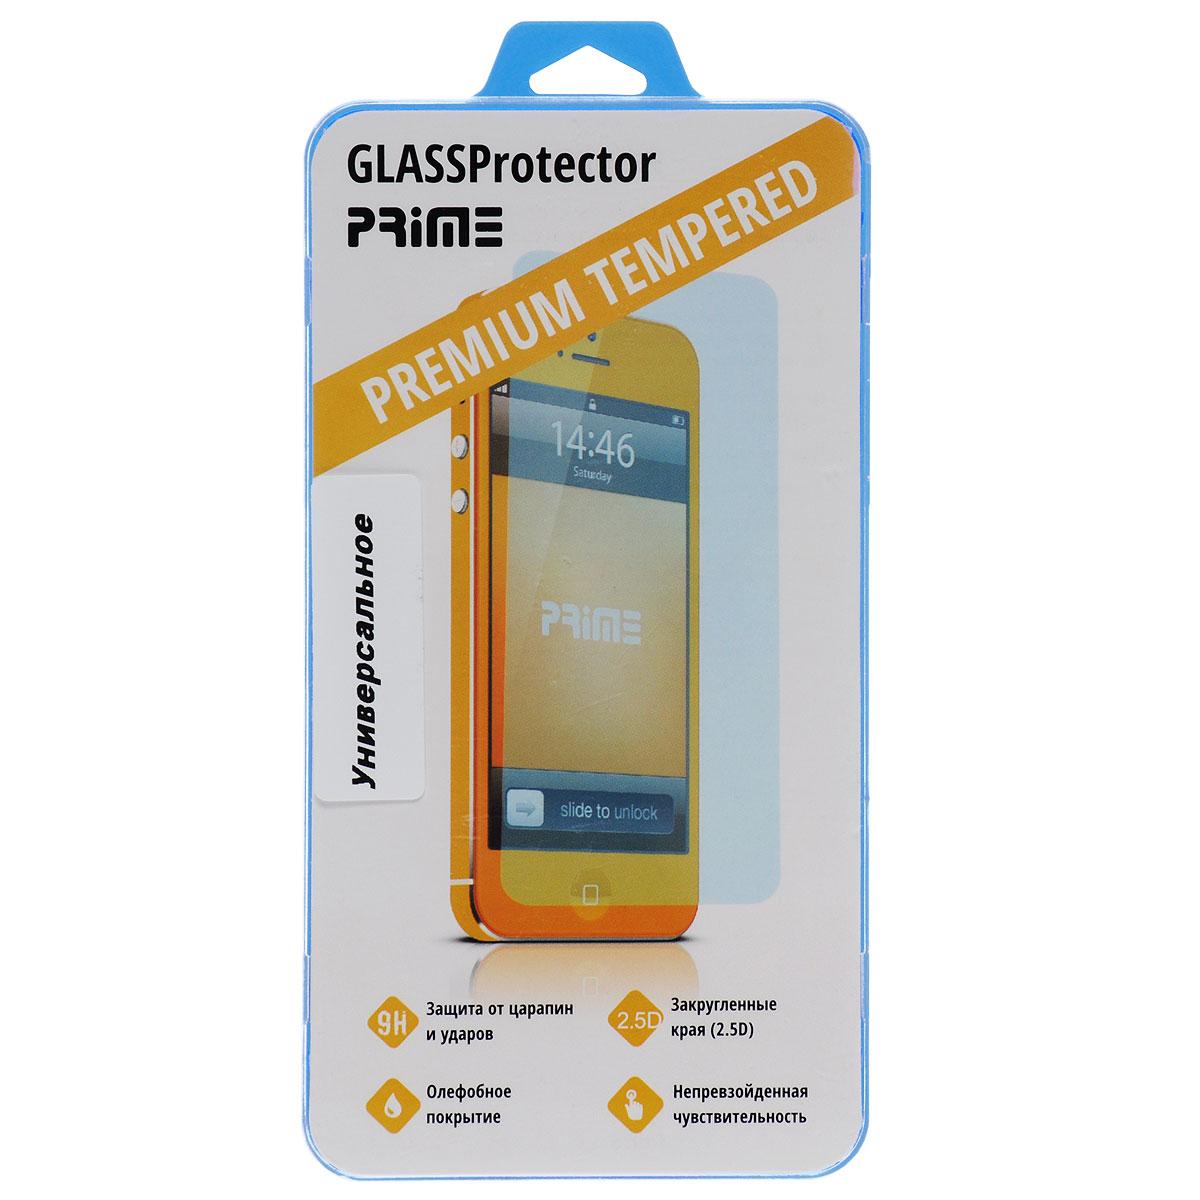 Prime Universal защитное стекло для устройств с экраном 4.7SP-138Прочное защитное стекло Prime Universal выполнено путем закаливания. Обеспечивает более высокий уровень защиты по сравнению с обычной пленкой. При этом яркость и чувствительность дисплея не будут ограничены. Препятствует появлению воздушных пузырей и надежно крепится на экране устройства. Имеет олеофобное покрытие.